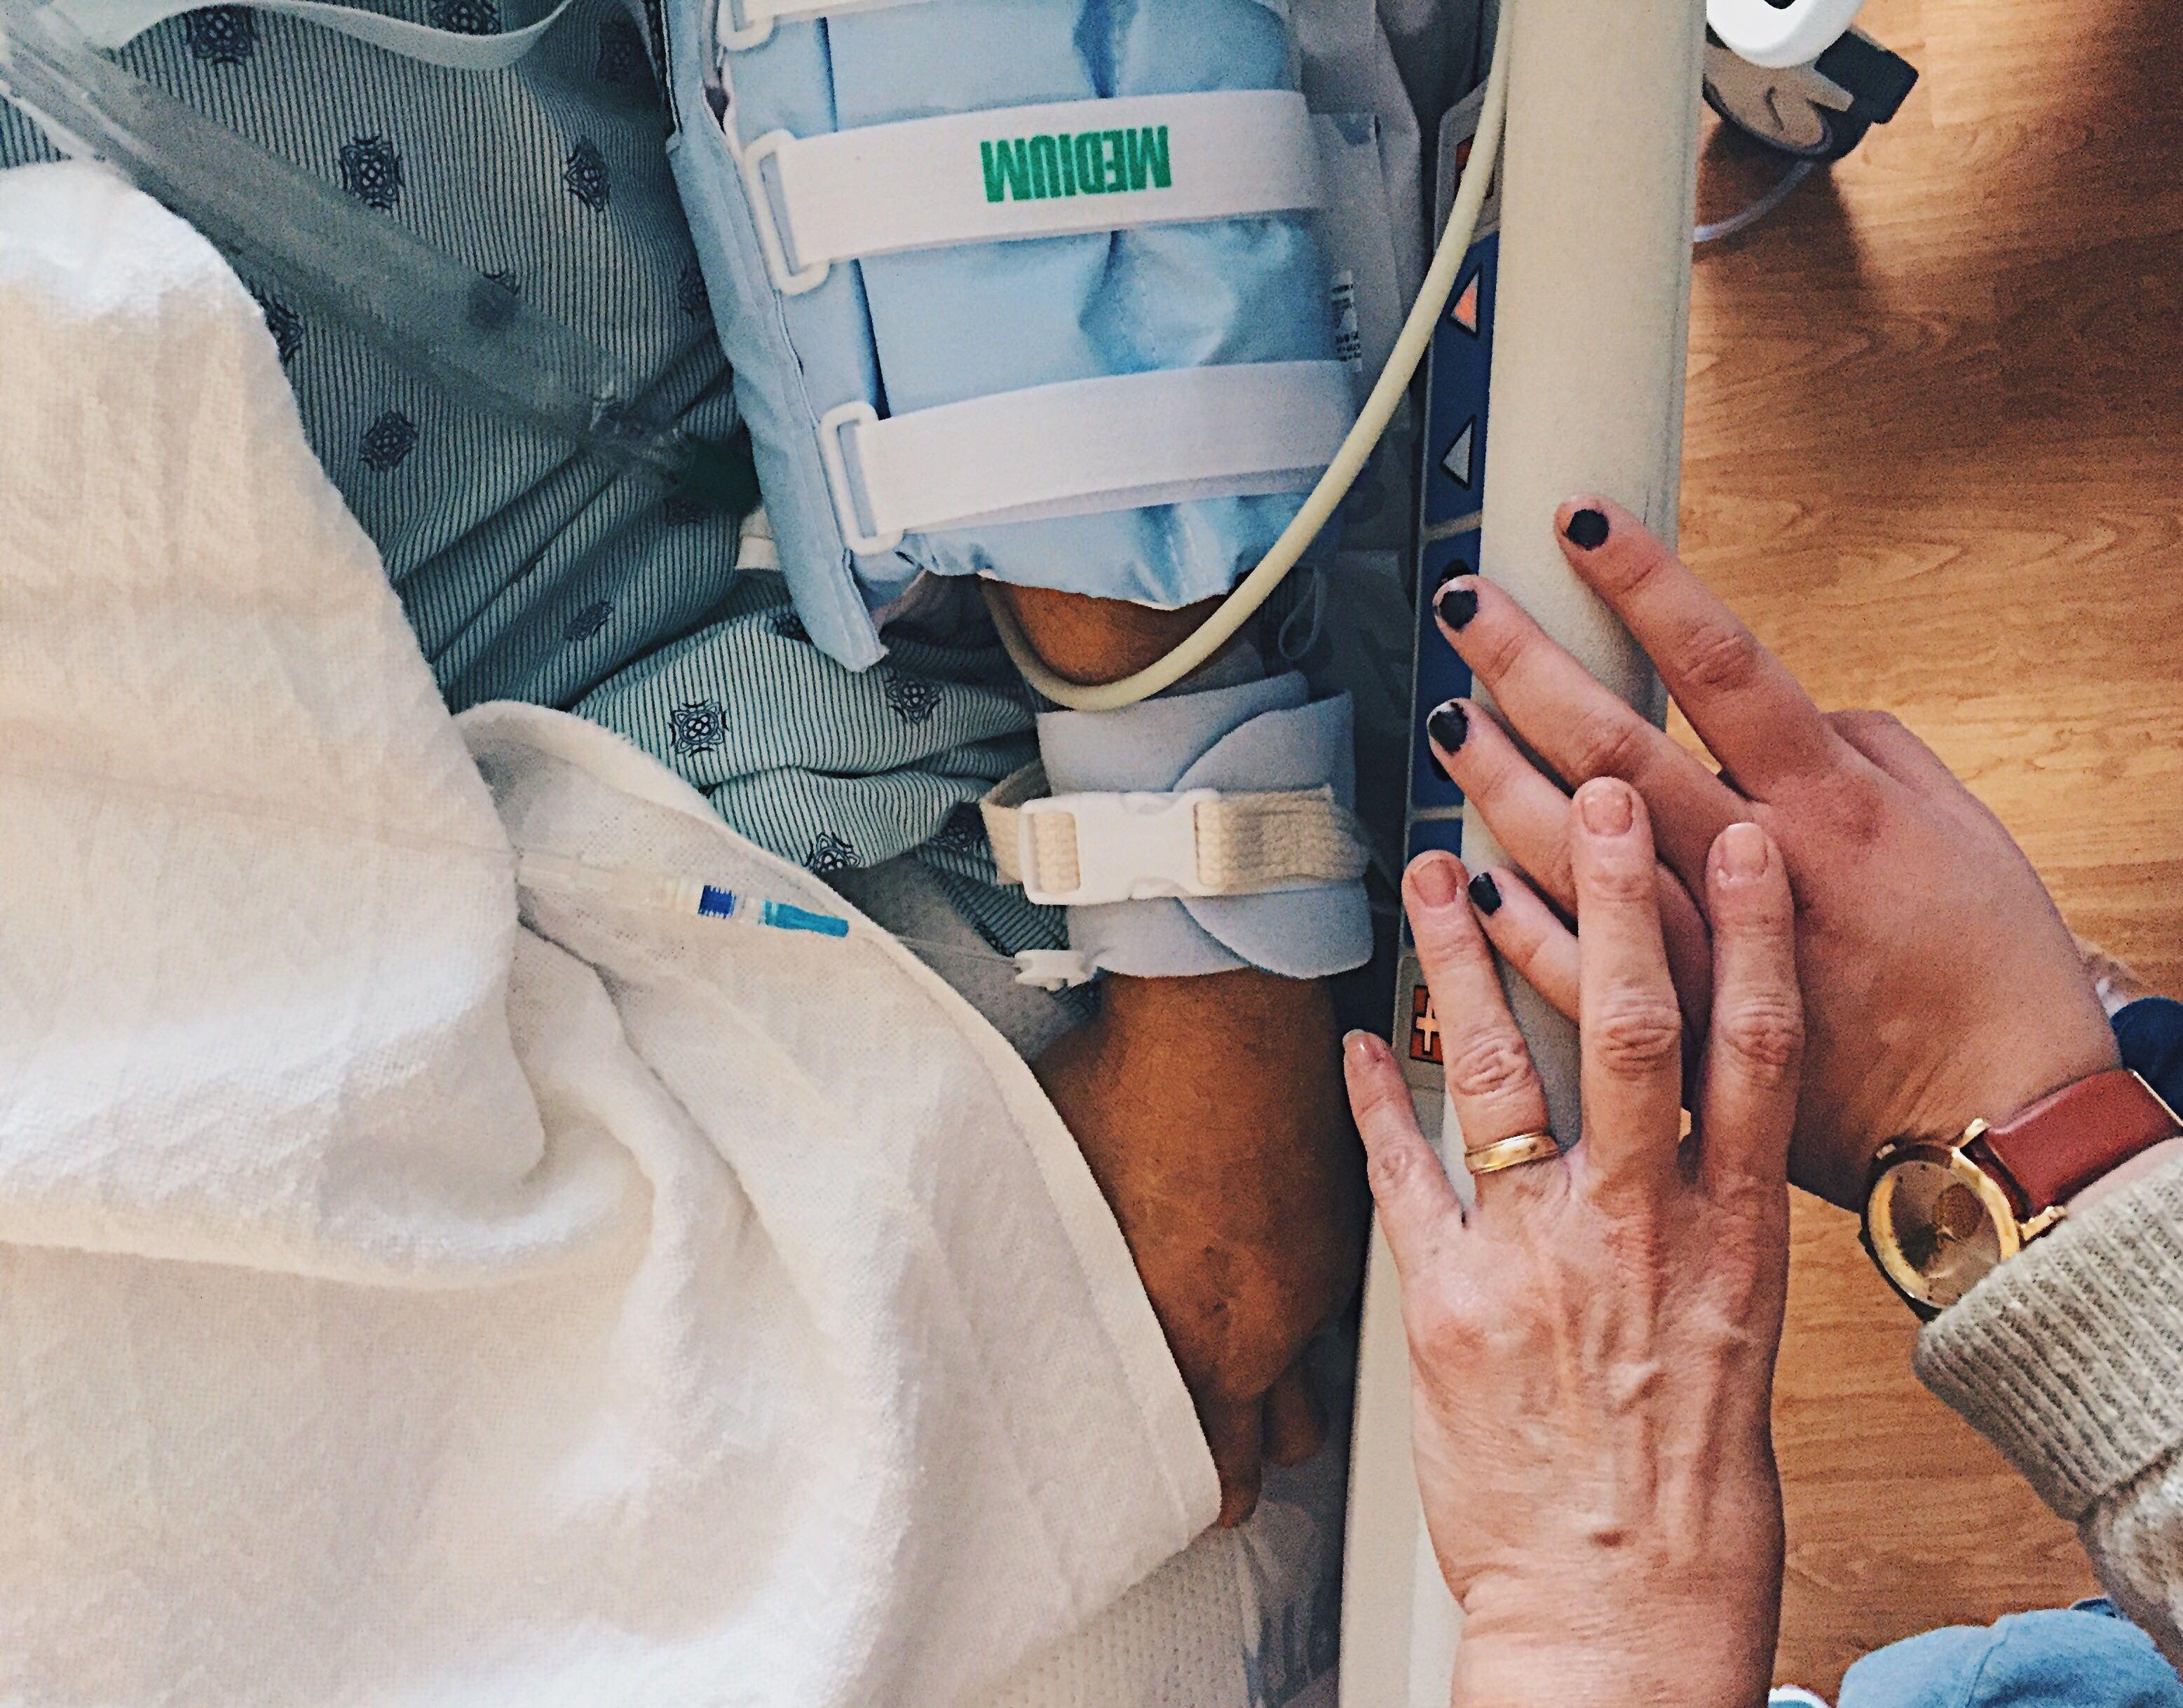 hands at bedside